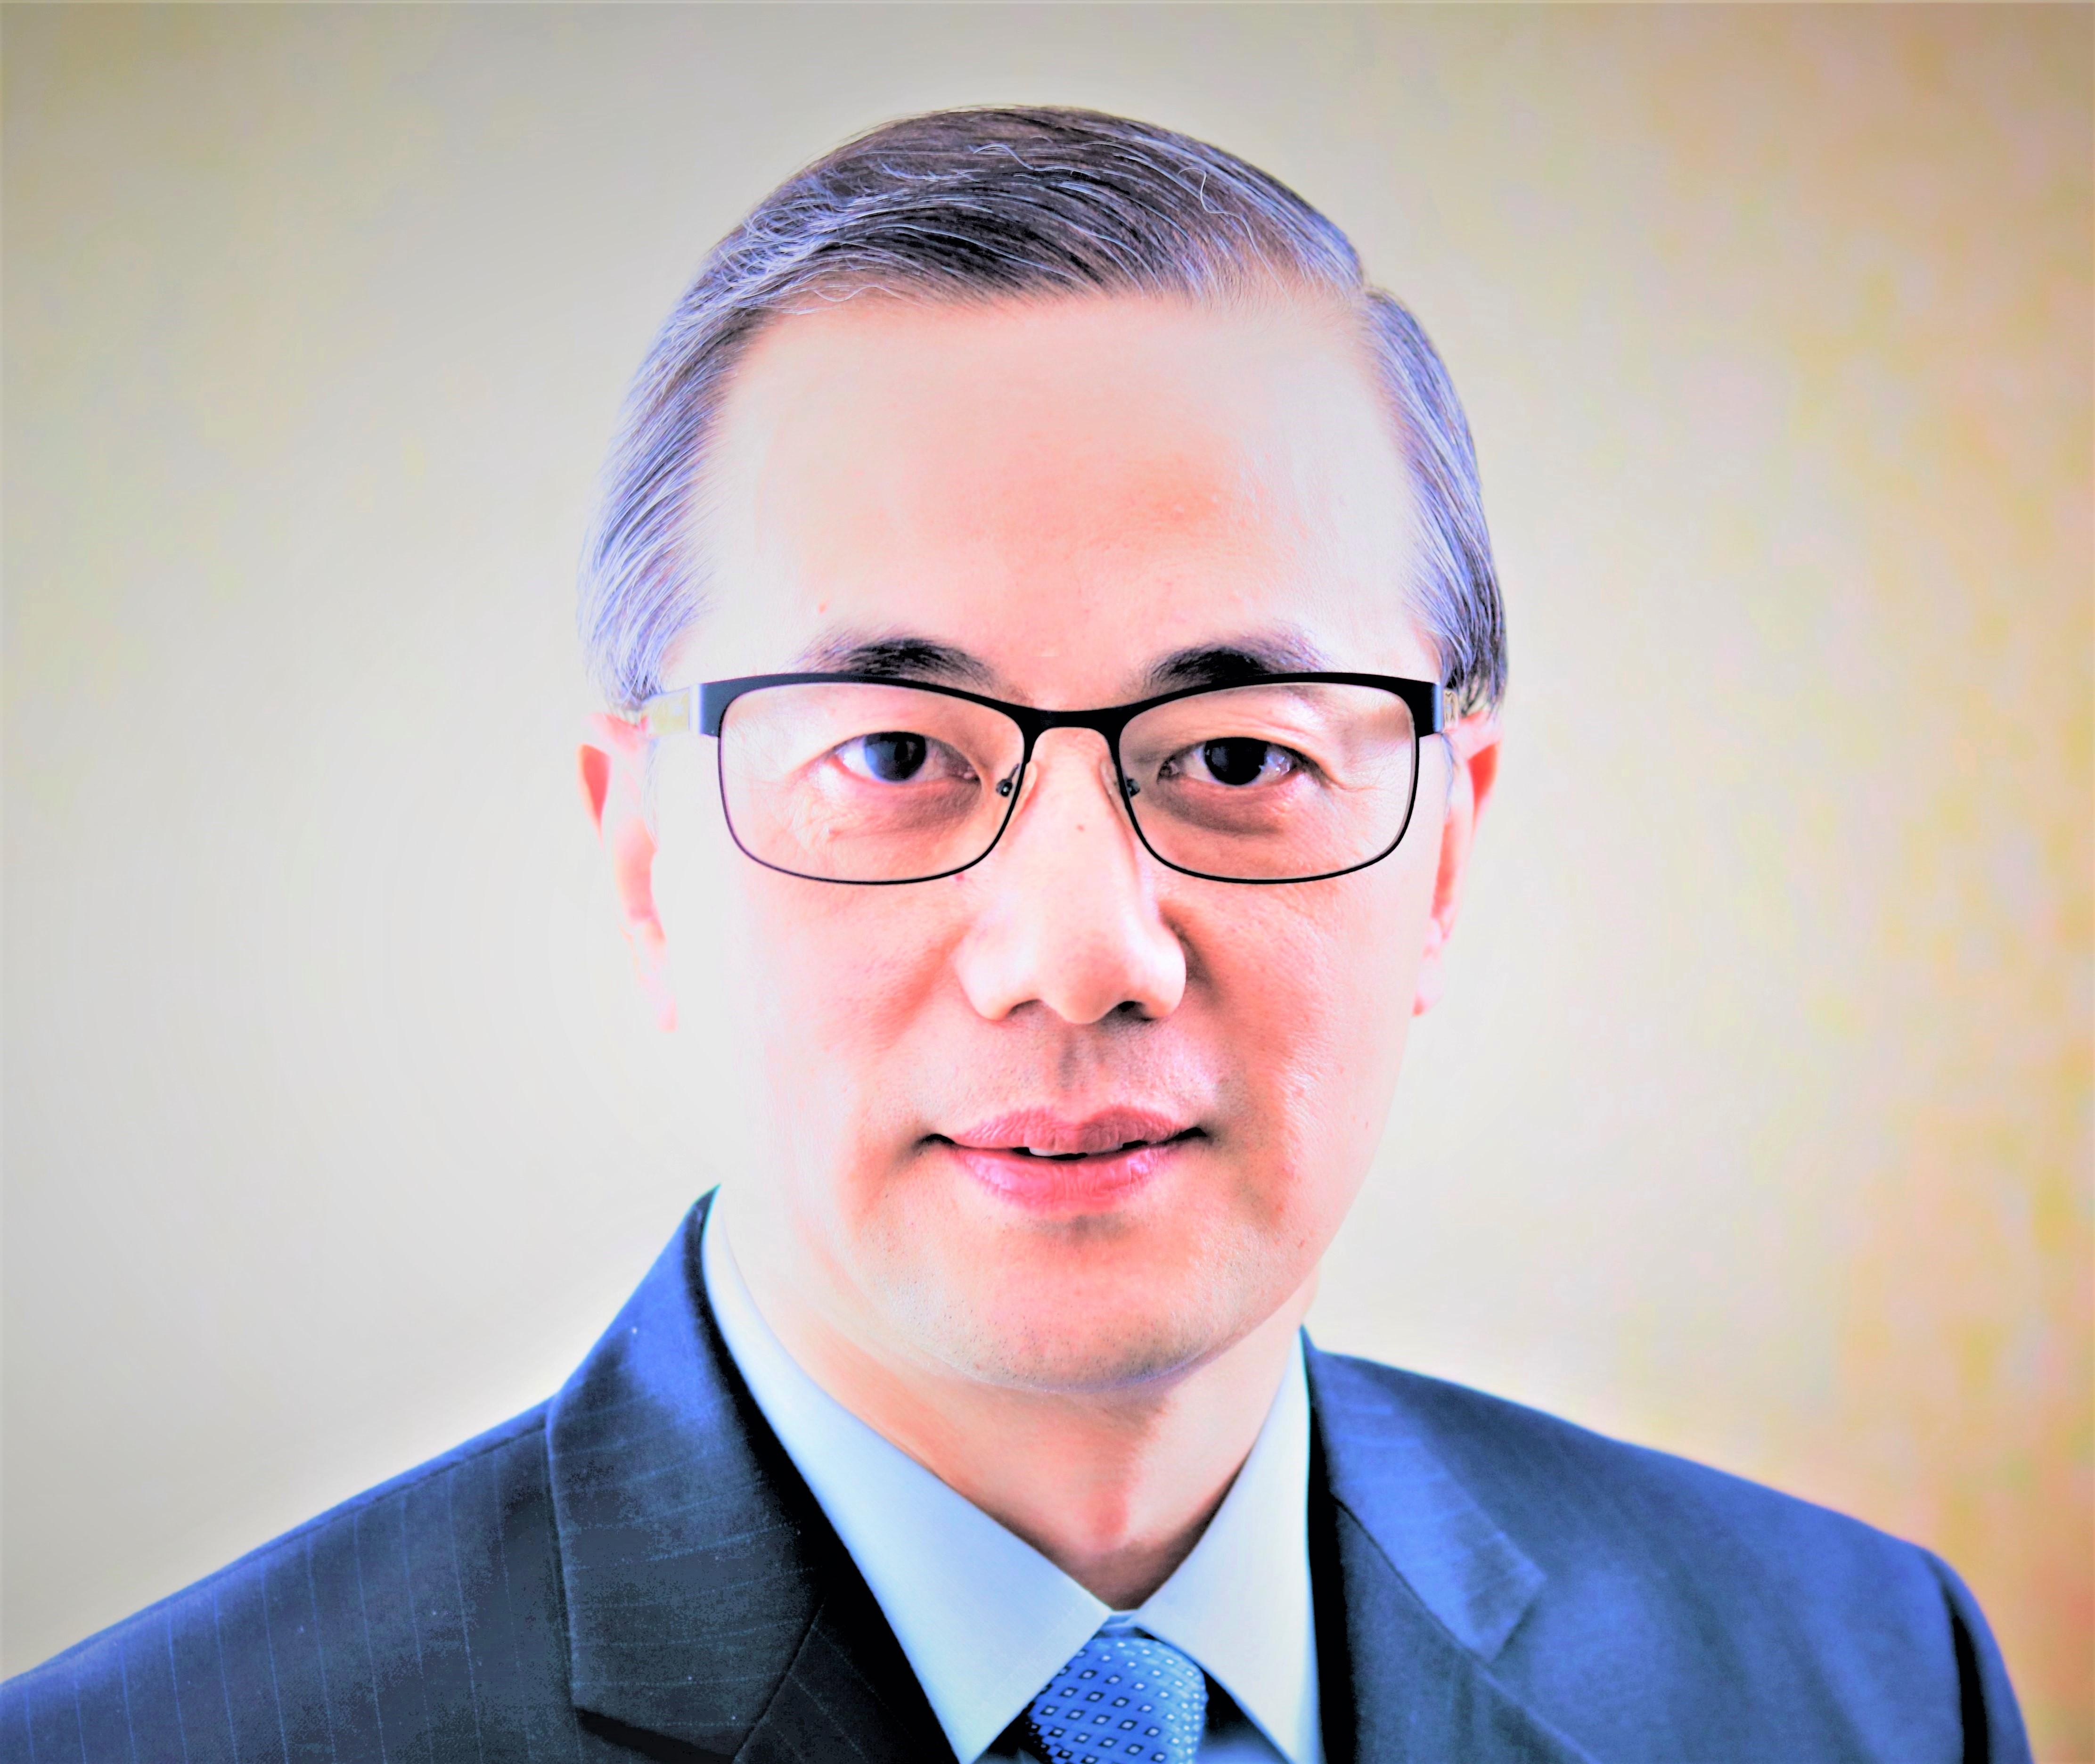 HUIBIN ZHENG Financial Professional & Insurance Agent